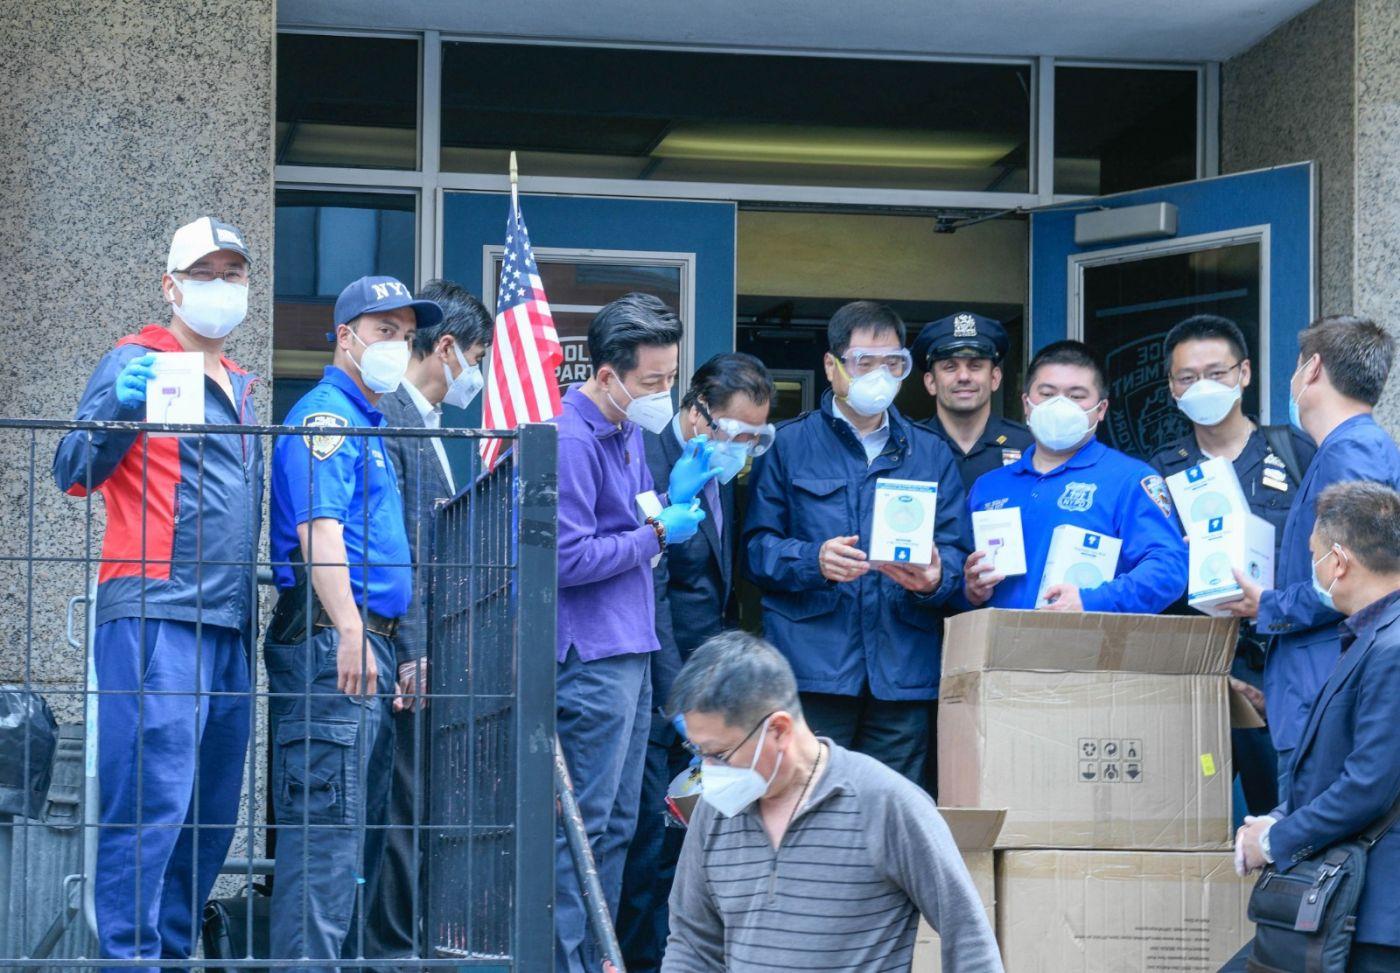 美国福建同乡会企业家捐赠防疫物资给纽约警察与亚美医师协会 ... ... ..._图1-7